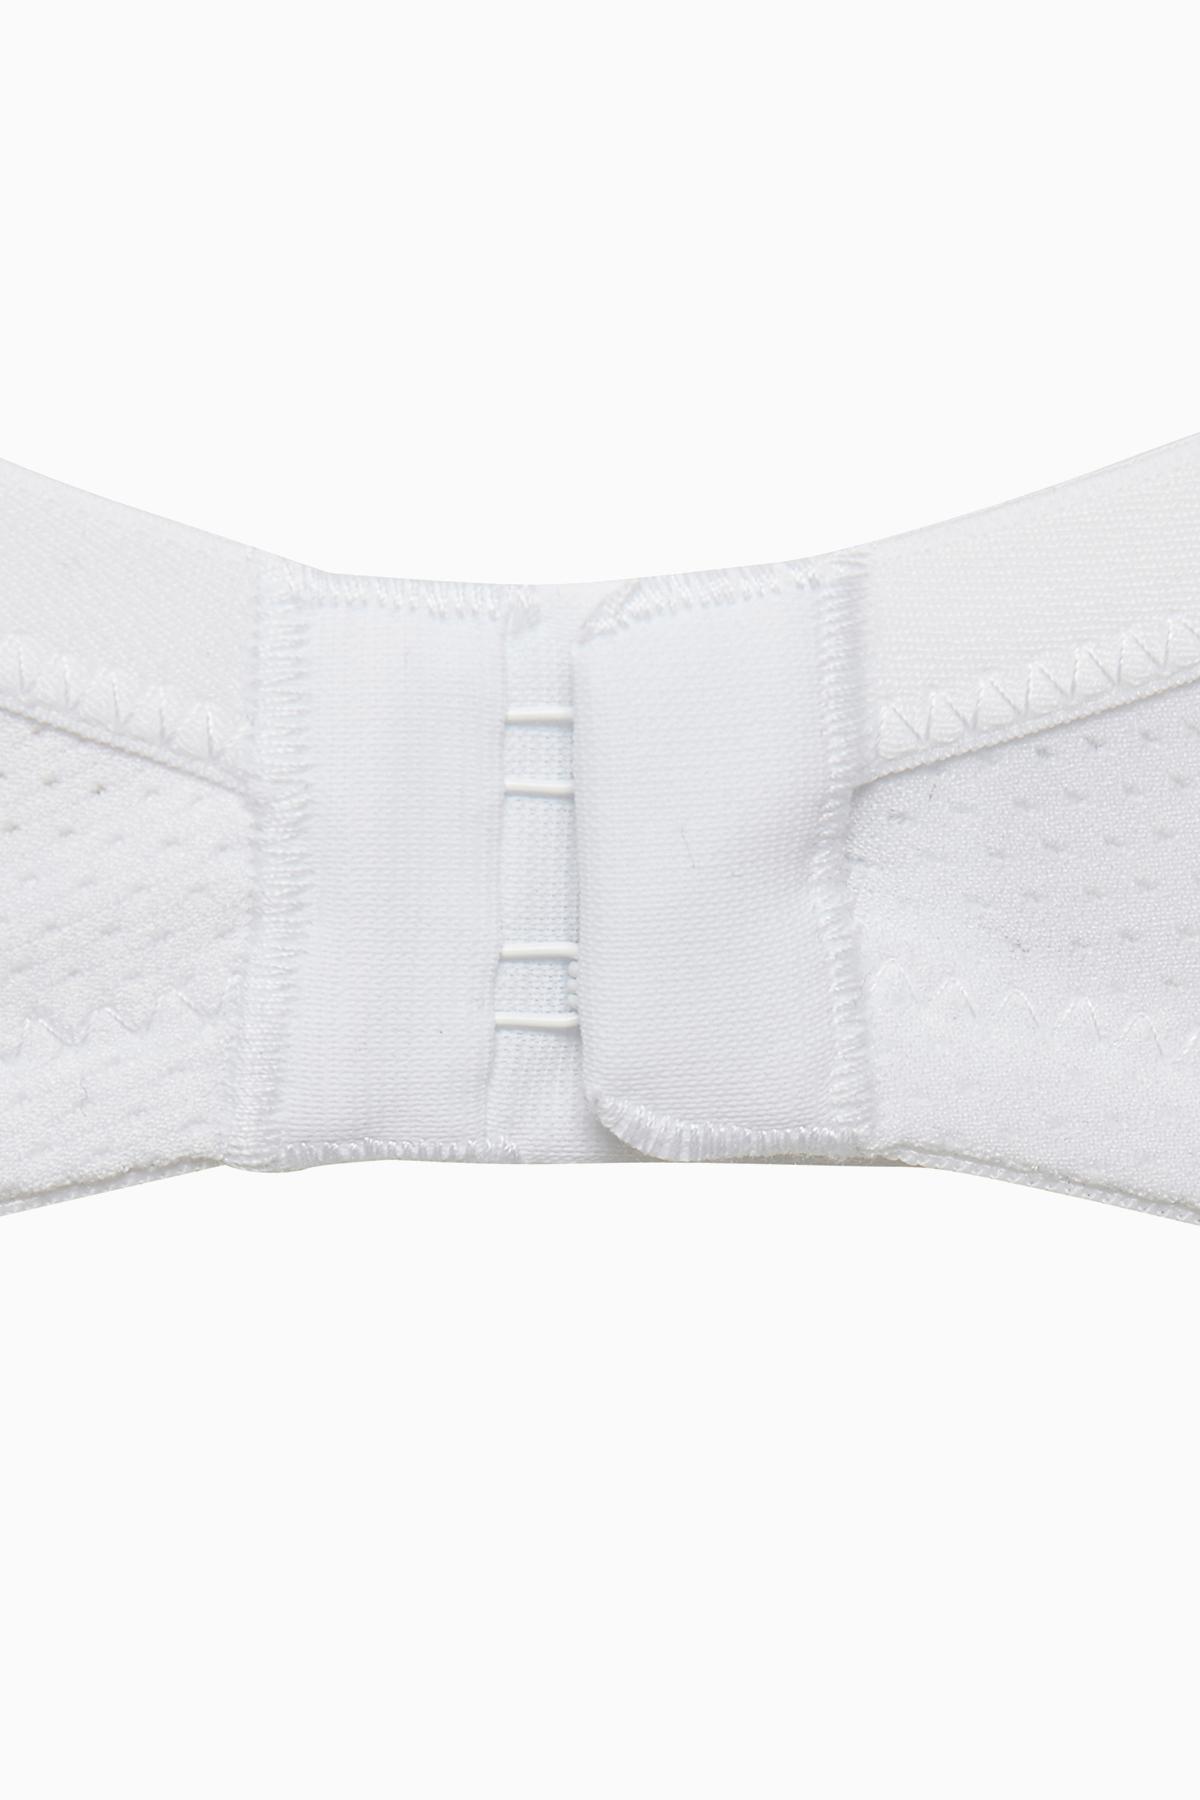 Hvid BH uden fyld fra Bon'A Parte – Køb Hvid BH uden fyld fra str. 70B-95F her